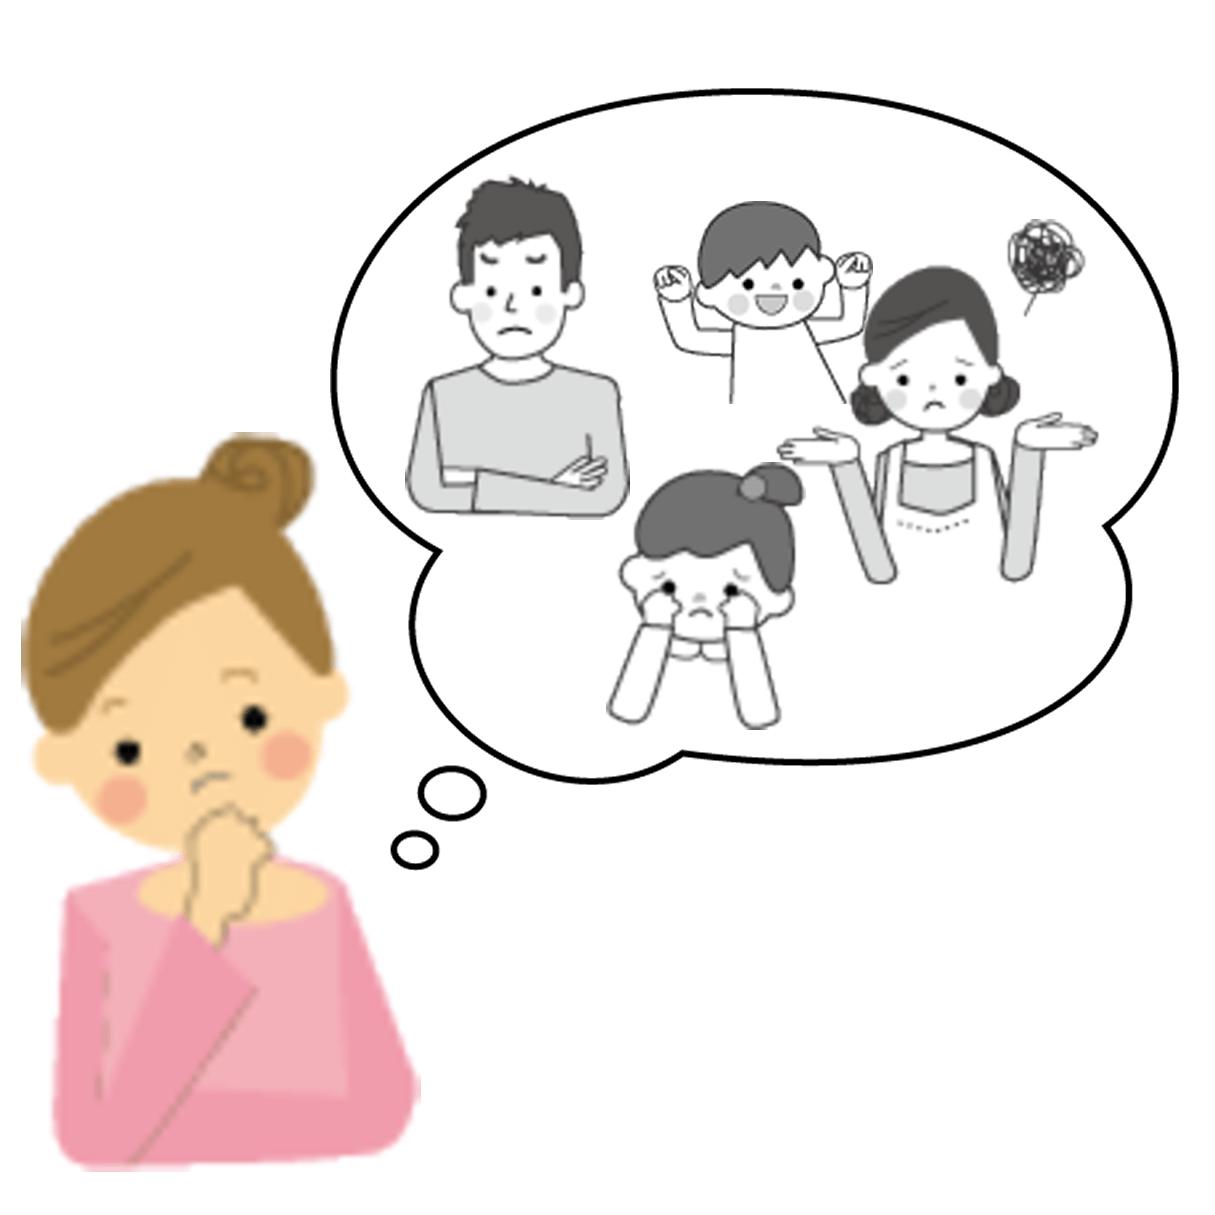 自分の子供時代の家族の雰囲気を思い出しているイラスト